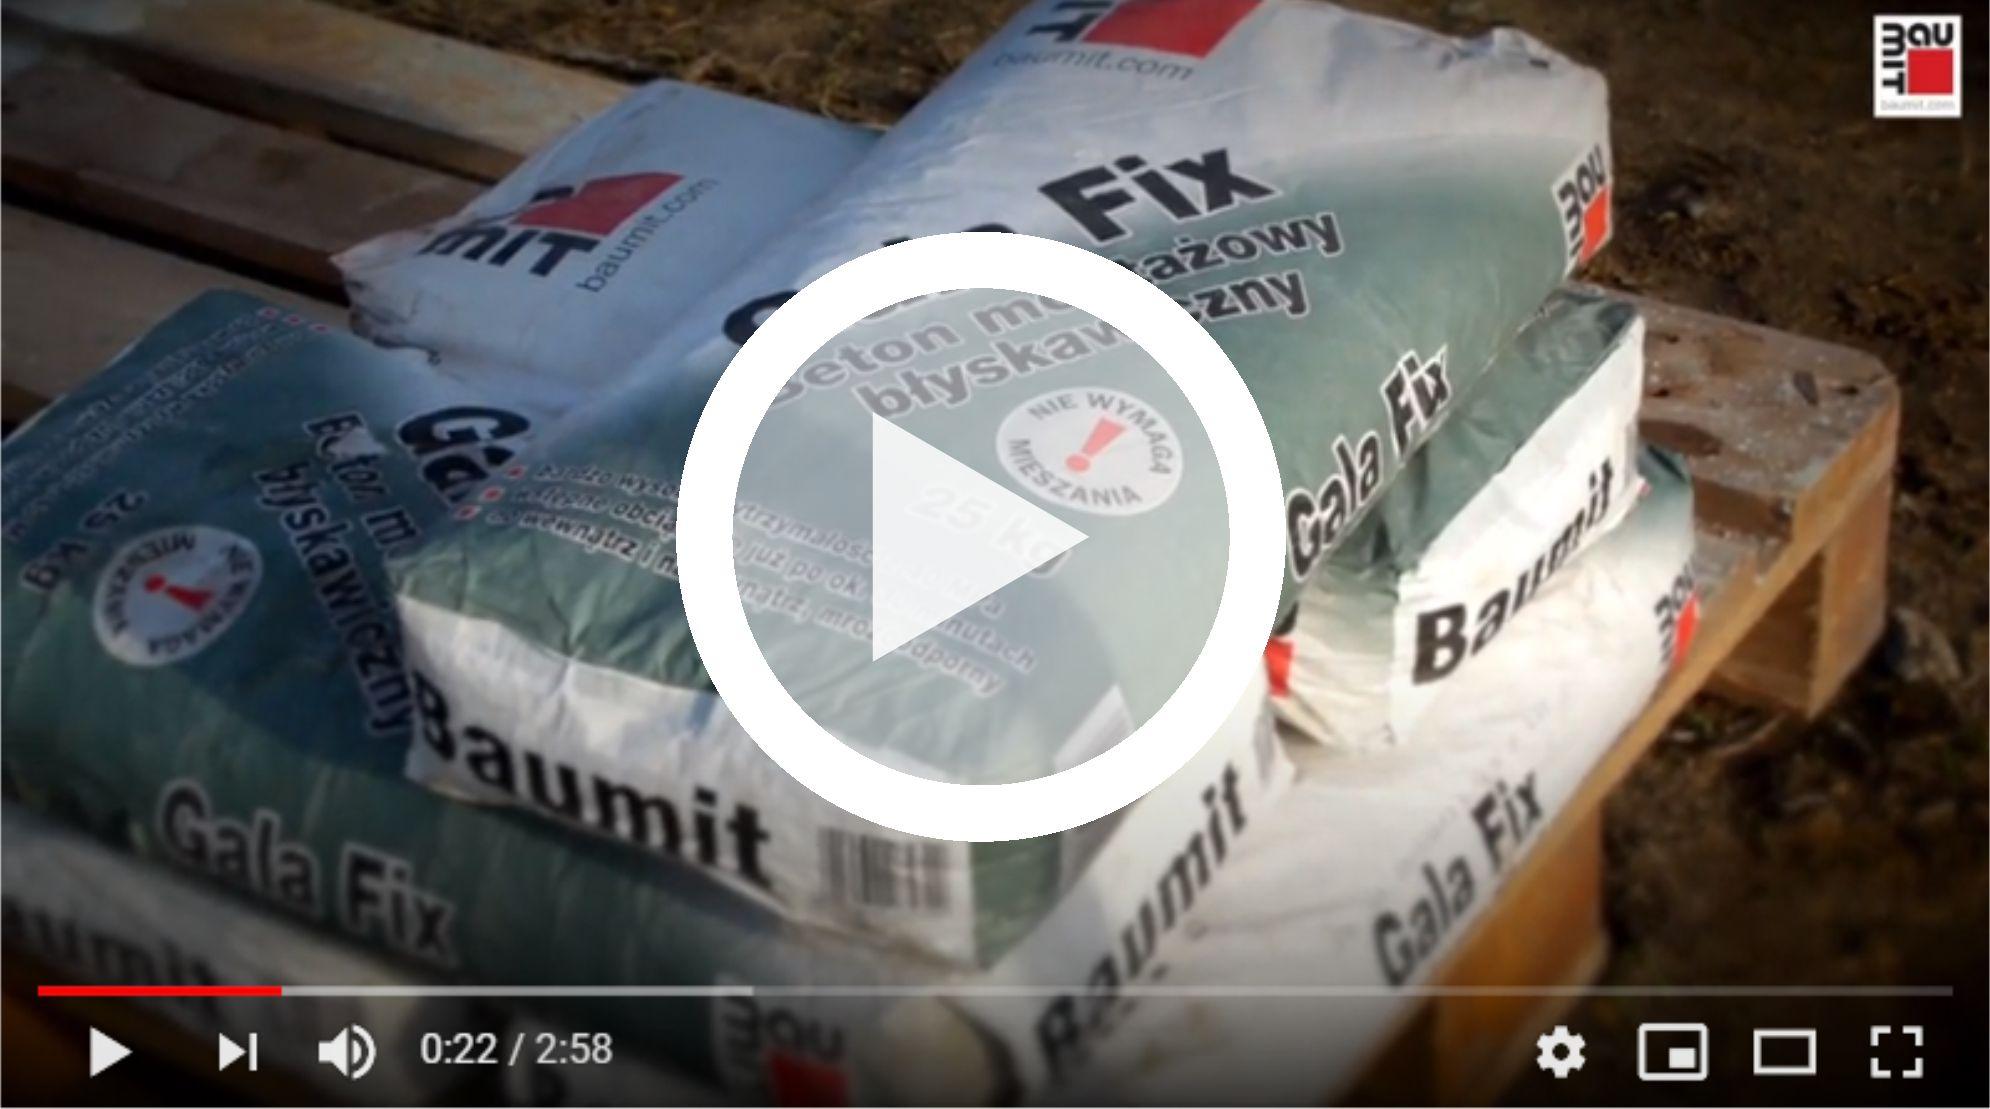 beton-montazowy-blyskawiczny-poznaj-baumit-gala-fix